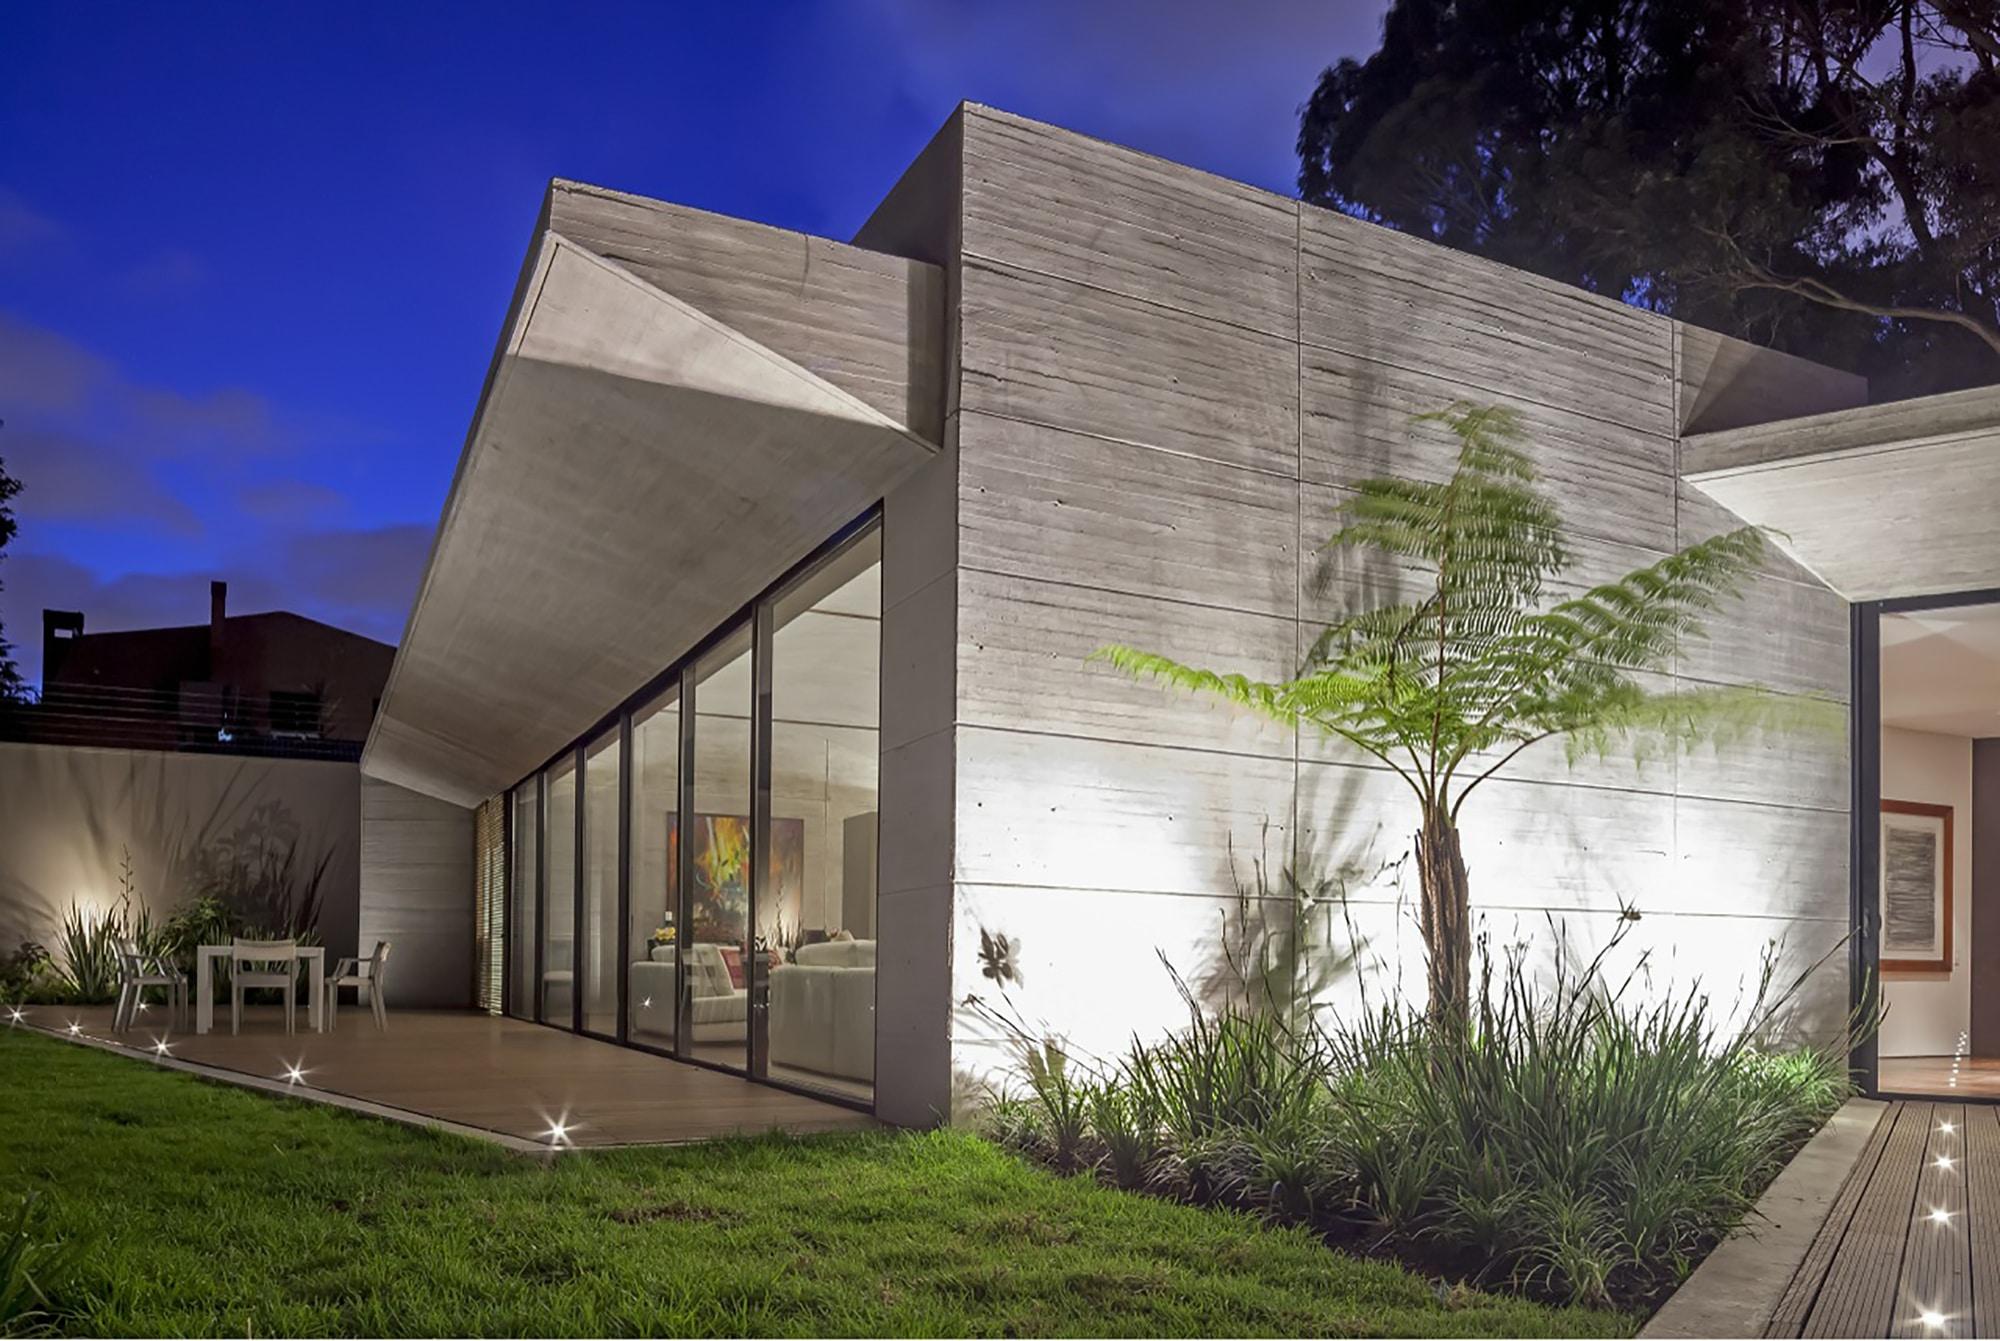 Moderno dise o casa de un piso con planos construye hogar for Construccion casas hormigon